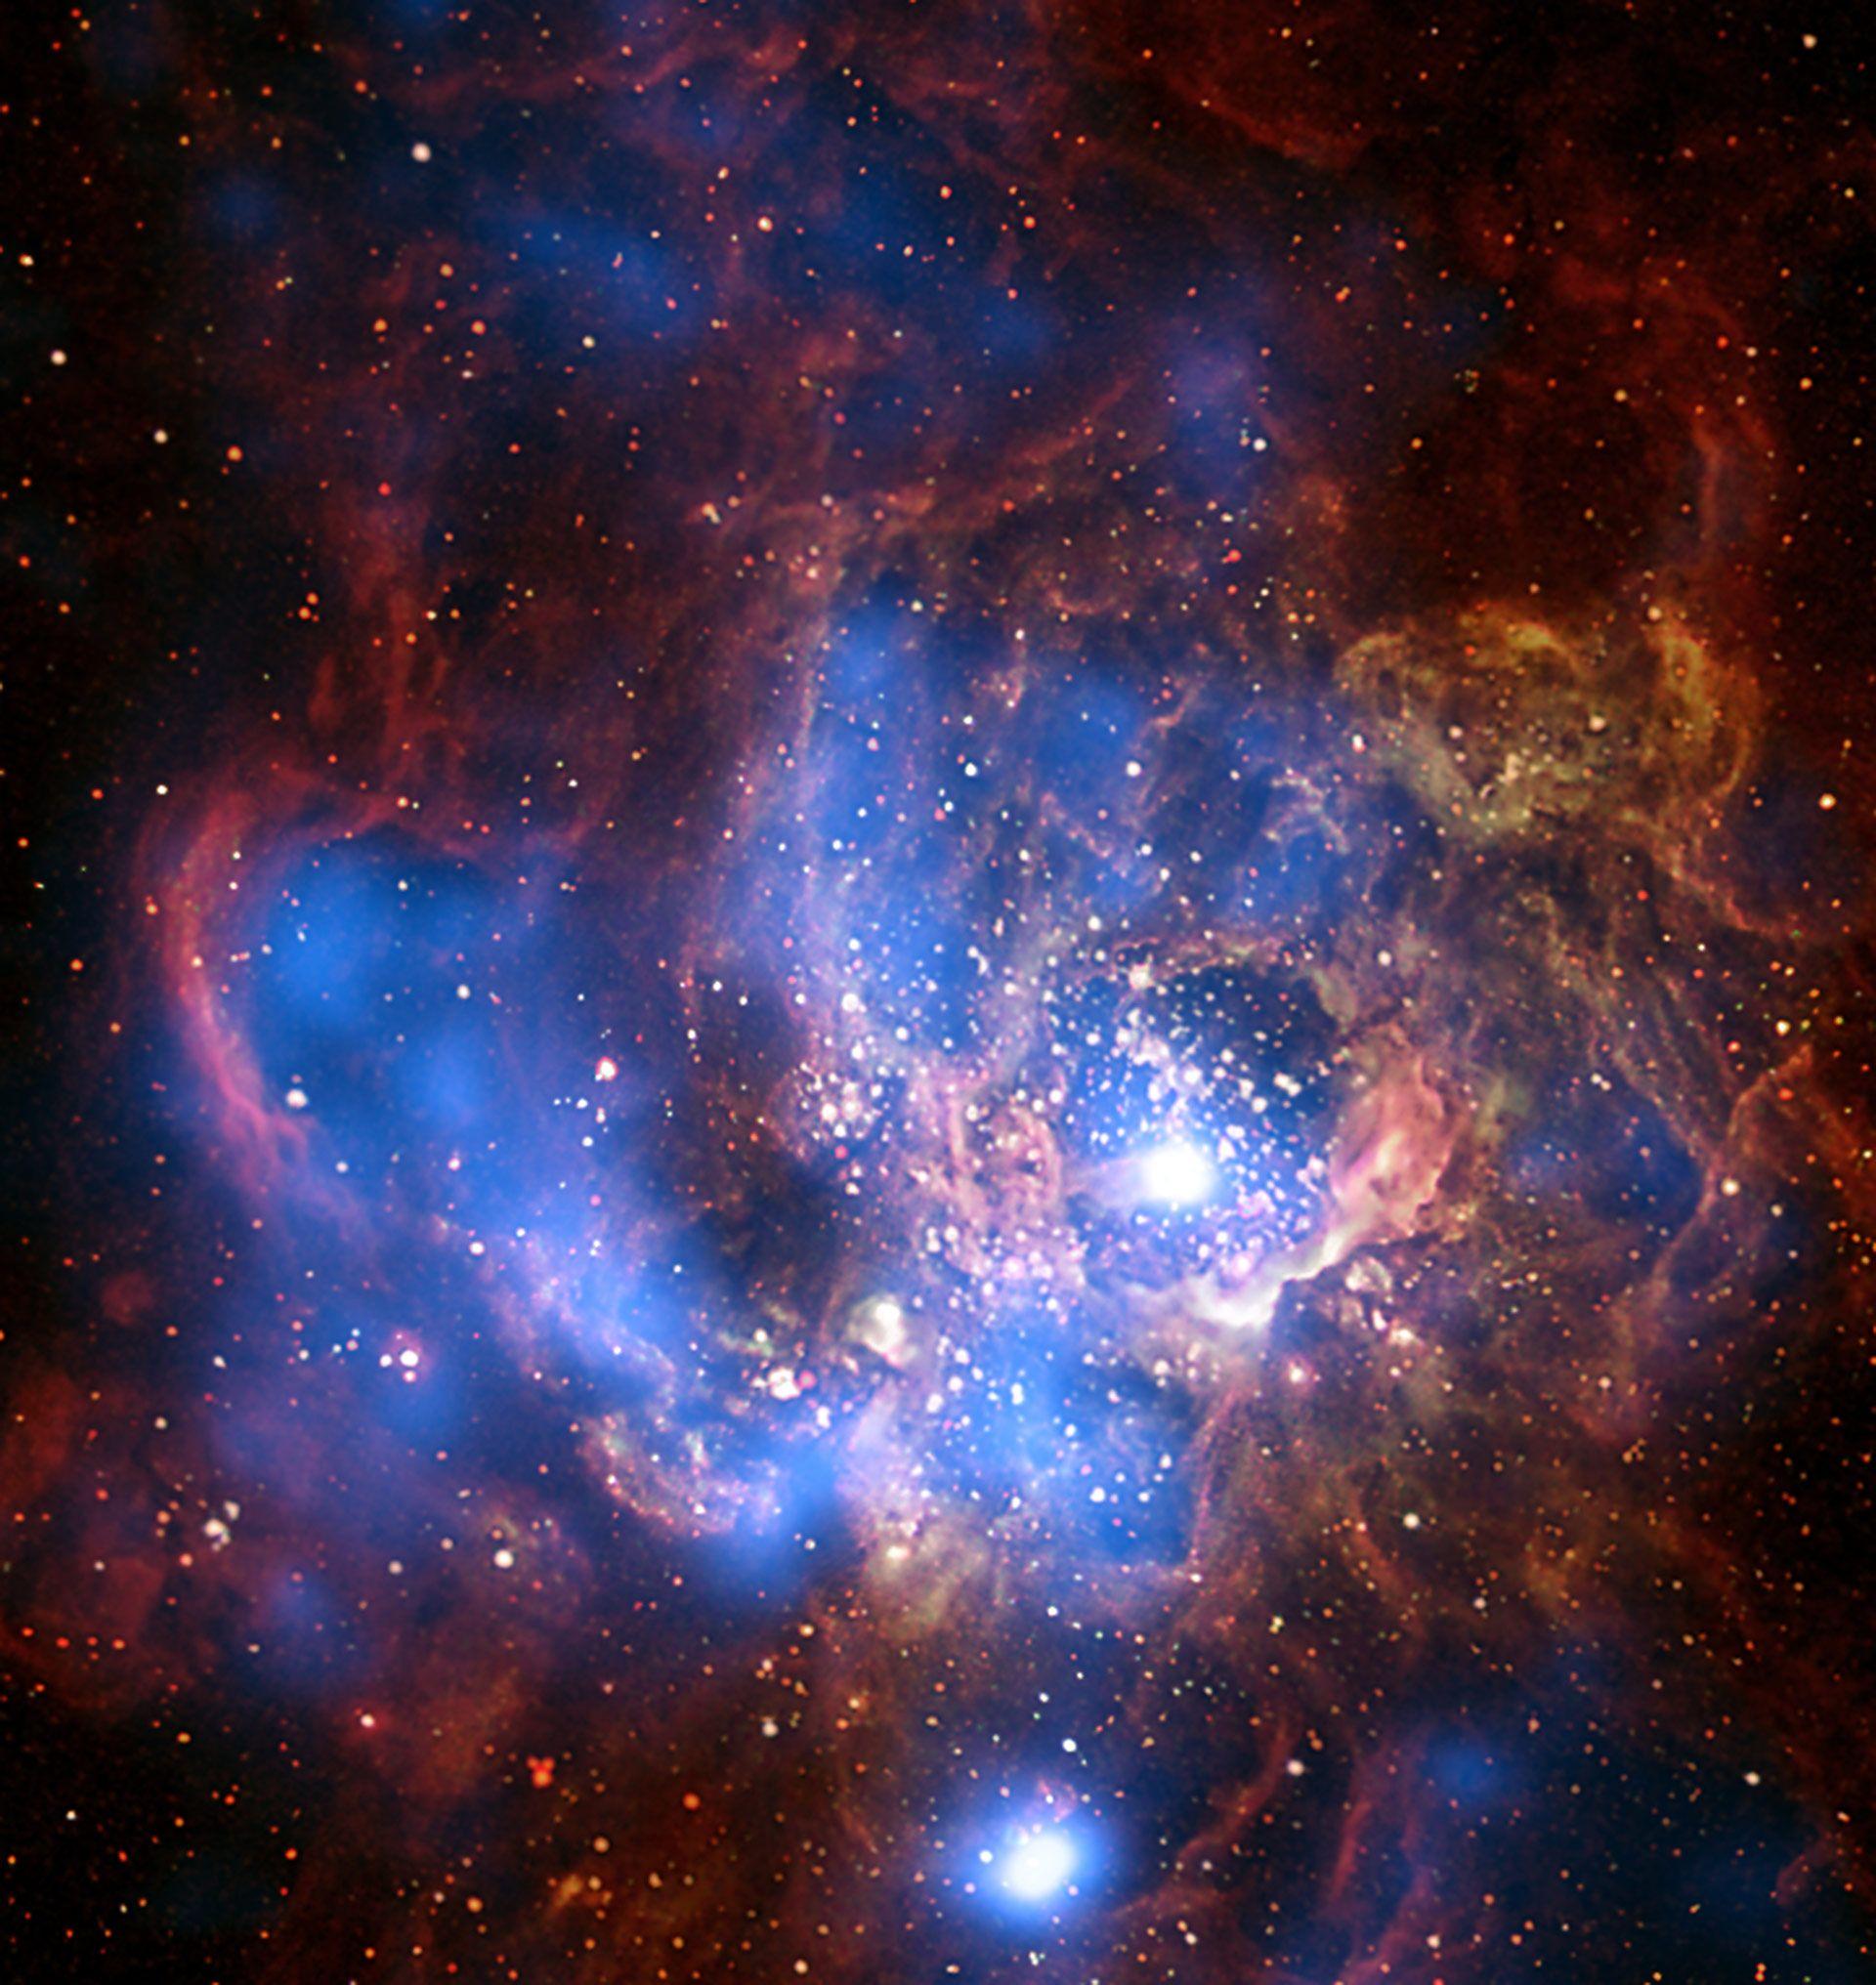 La formazione stellare della galassia NGC 694 come si è visto in X-ray (blu) e ottica. L'emissione di raggi X è dovuto in gran parte ai processi associati alla formazione stellare, e gli astronomi hanno capito come determinare il tasso di formazione stellare dal flusso di raggi X misurato. Raggi X